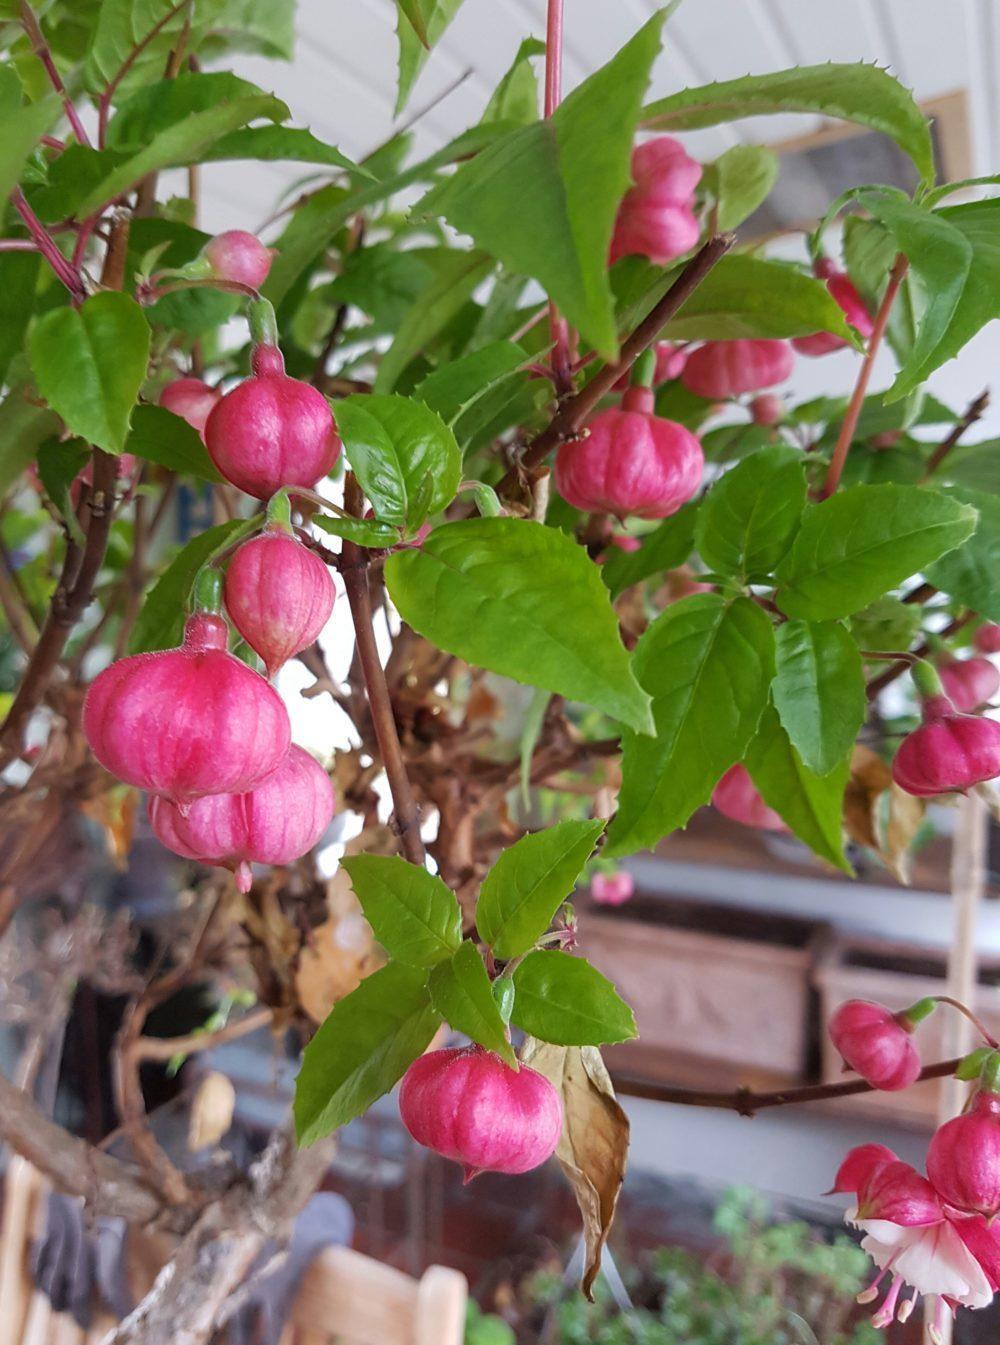 Tid for å beskjære Pelargonia og Fuchsia